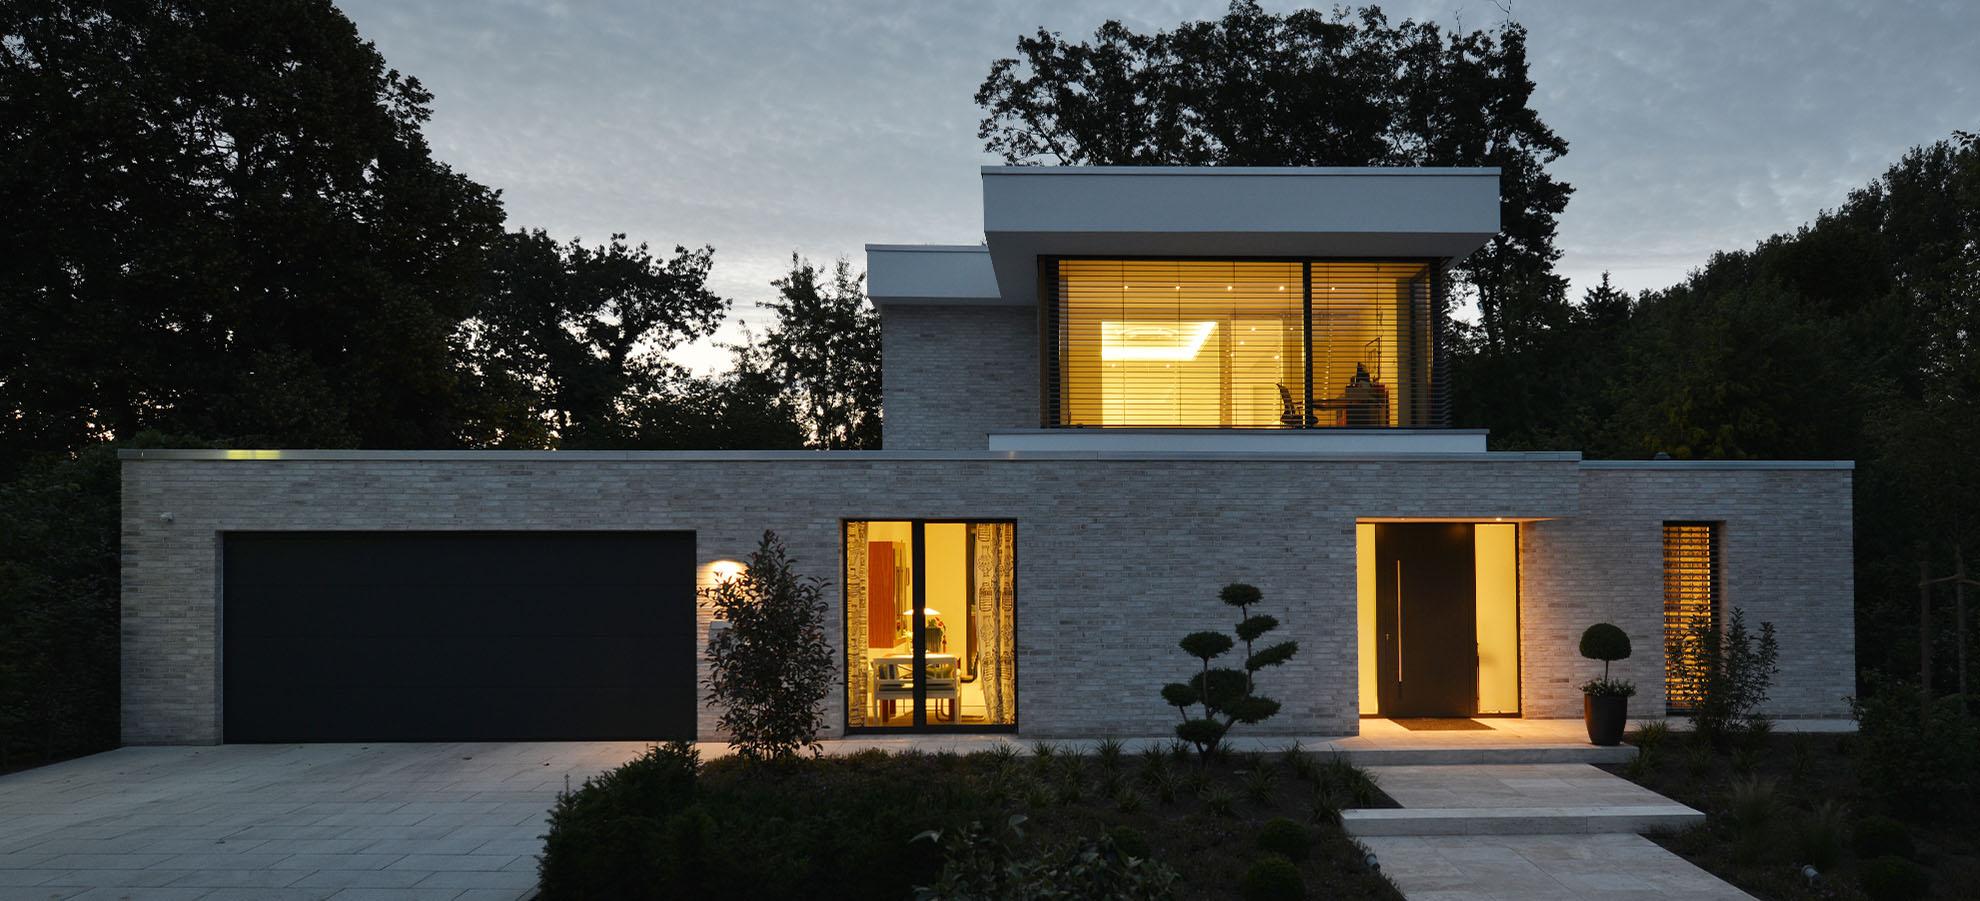 haus schlottbom architekten spiekermann. Black Bedroom Furniture Sets. Home Design Ideas